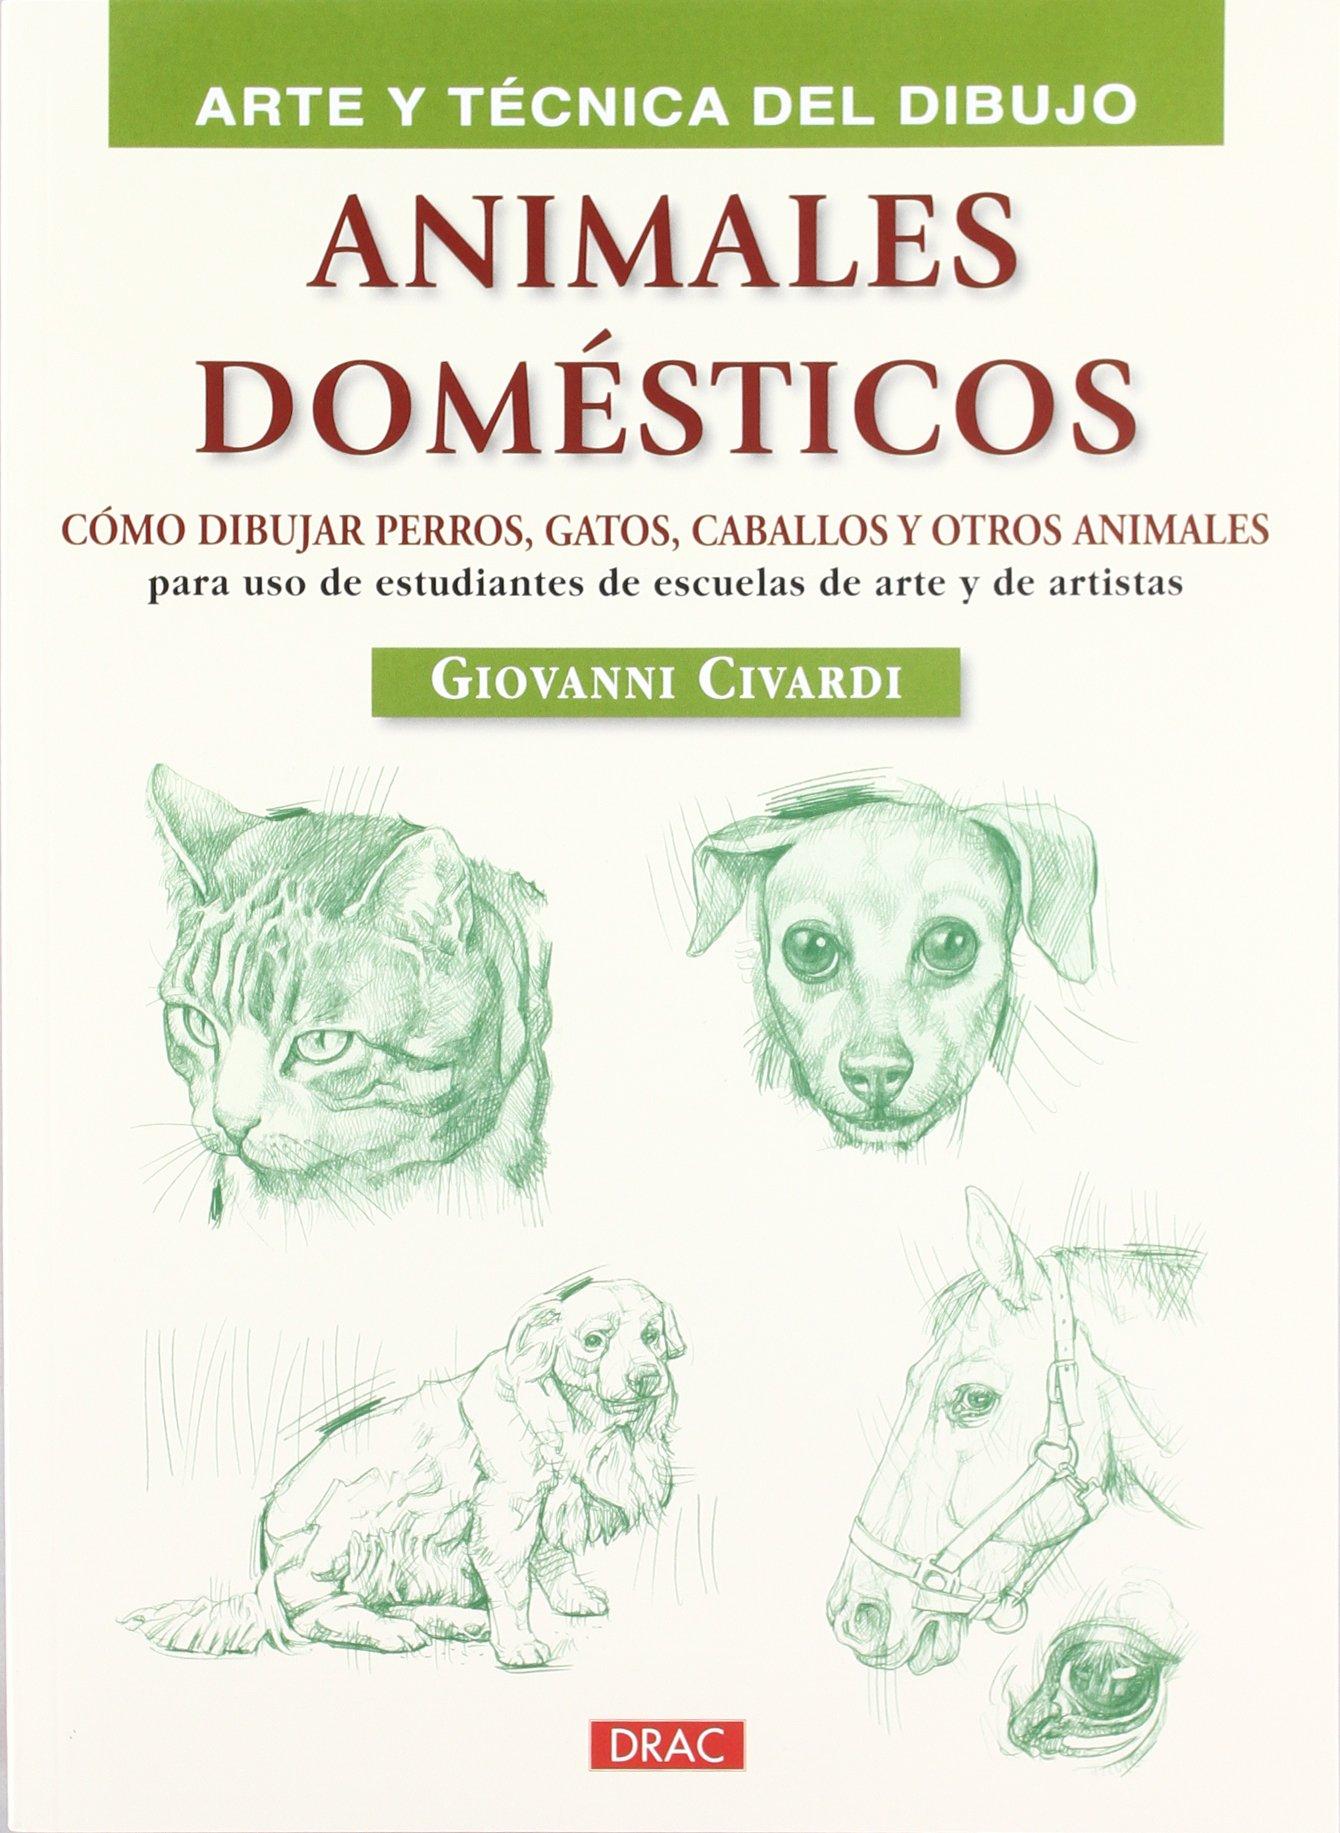 ANIMALES DOMÉSTICOS: CÓMO DIBUJAR PERROS, GATOS, CABALLOS Y OTROS ANIMALES (Spanish) Paperback – February 1, 2012